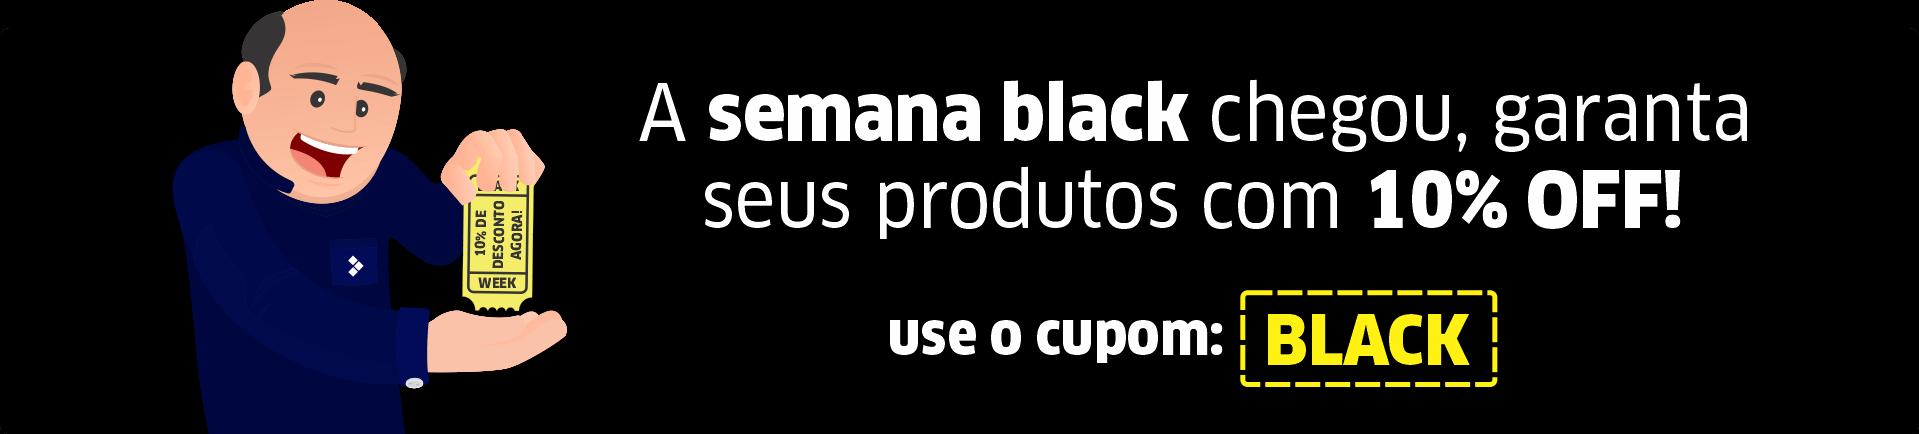 Semana black da Sitolino com 10% de desconto!